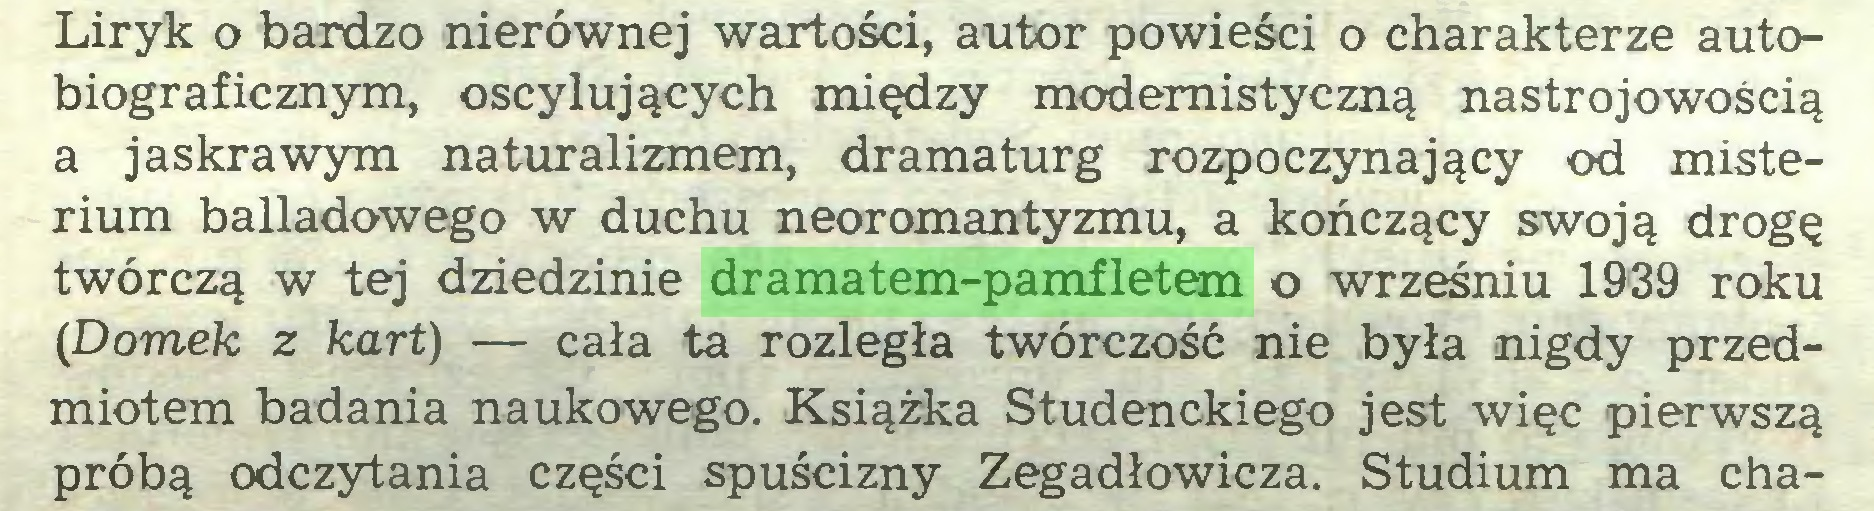 (...) Liryk o bardzo nierównej wartości, autor powieści o charakterze autobiograficznym, oscylujących między modernistyczną nastrojowością a jaskrawym naturalizmem, dramaturg rozpoczynający od misterium balladowego w duchu neoromantyzmu, a kończący swoją drogę twórczą w tej dziedzinie dramatem-pamfletem o wrześniu 1939 roku (Domek z kart) — cała ta rozległa twórczość nie była nigdy przedmiotem badania naukowego. Książka Studenckiego jest więc pierwszą próbą odczytania części spuścizny Zegadłowicza. Studium ma cha...